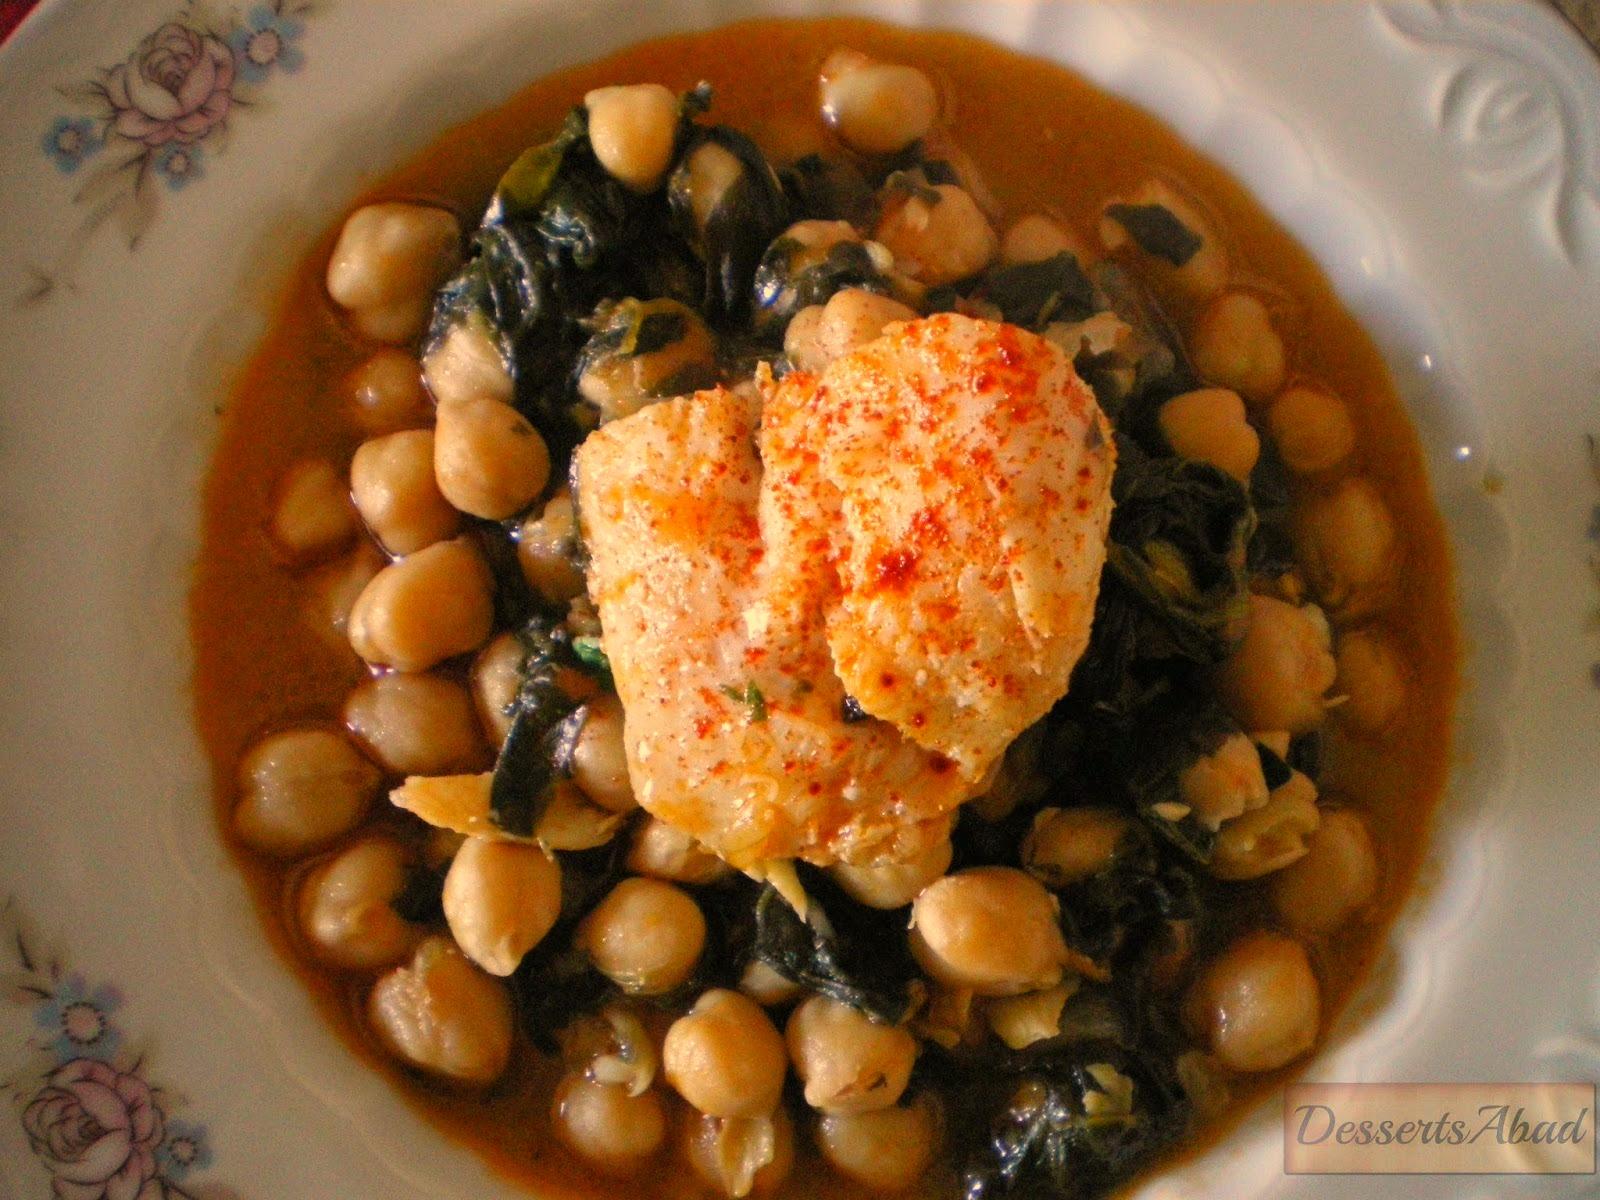 Dessertsabad garbanzos con bacalao y espinacas potaje de - Potaje con bacalao y espinacas ...